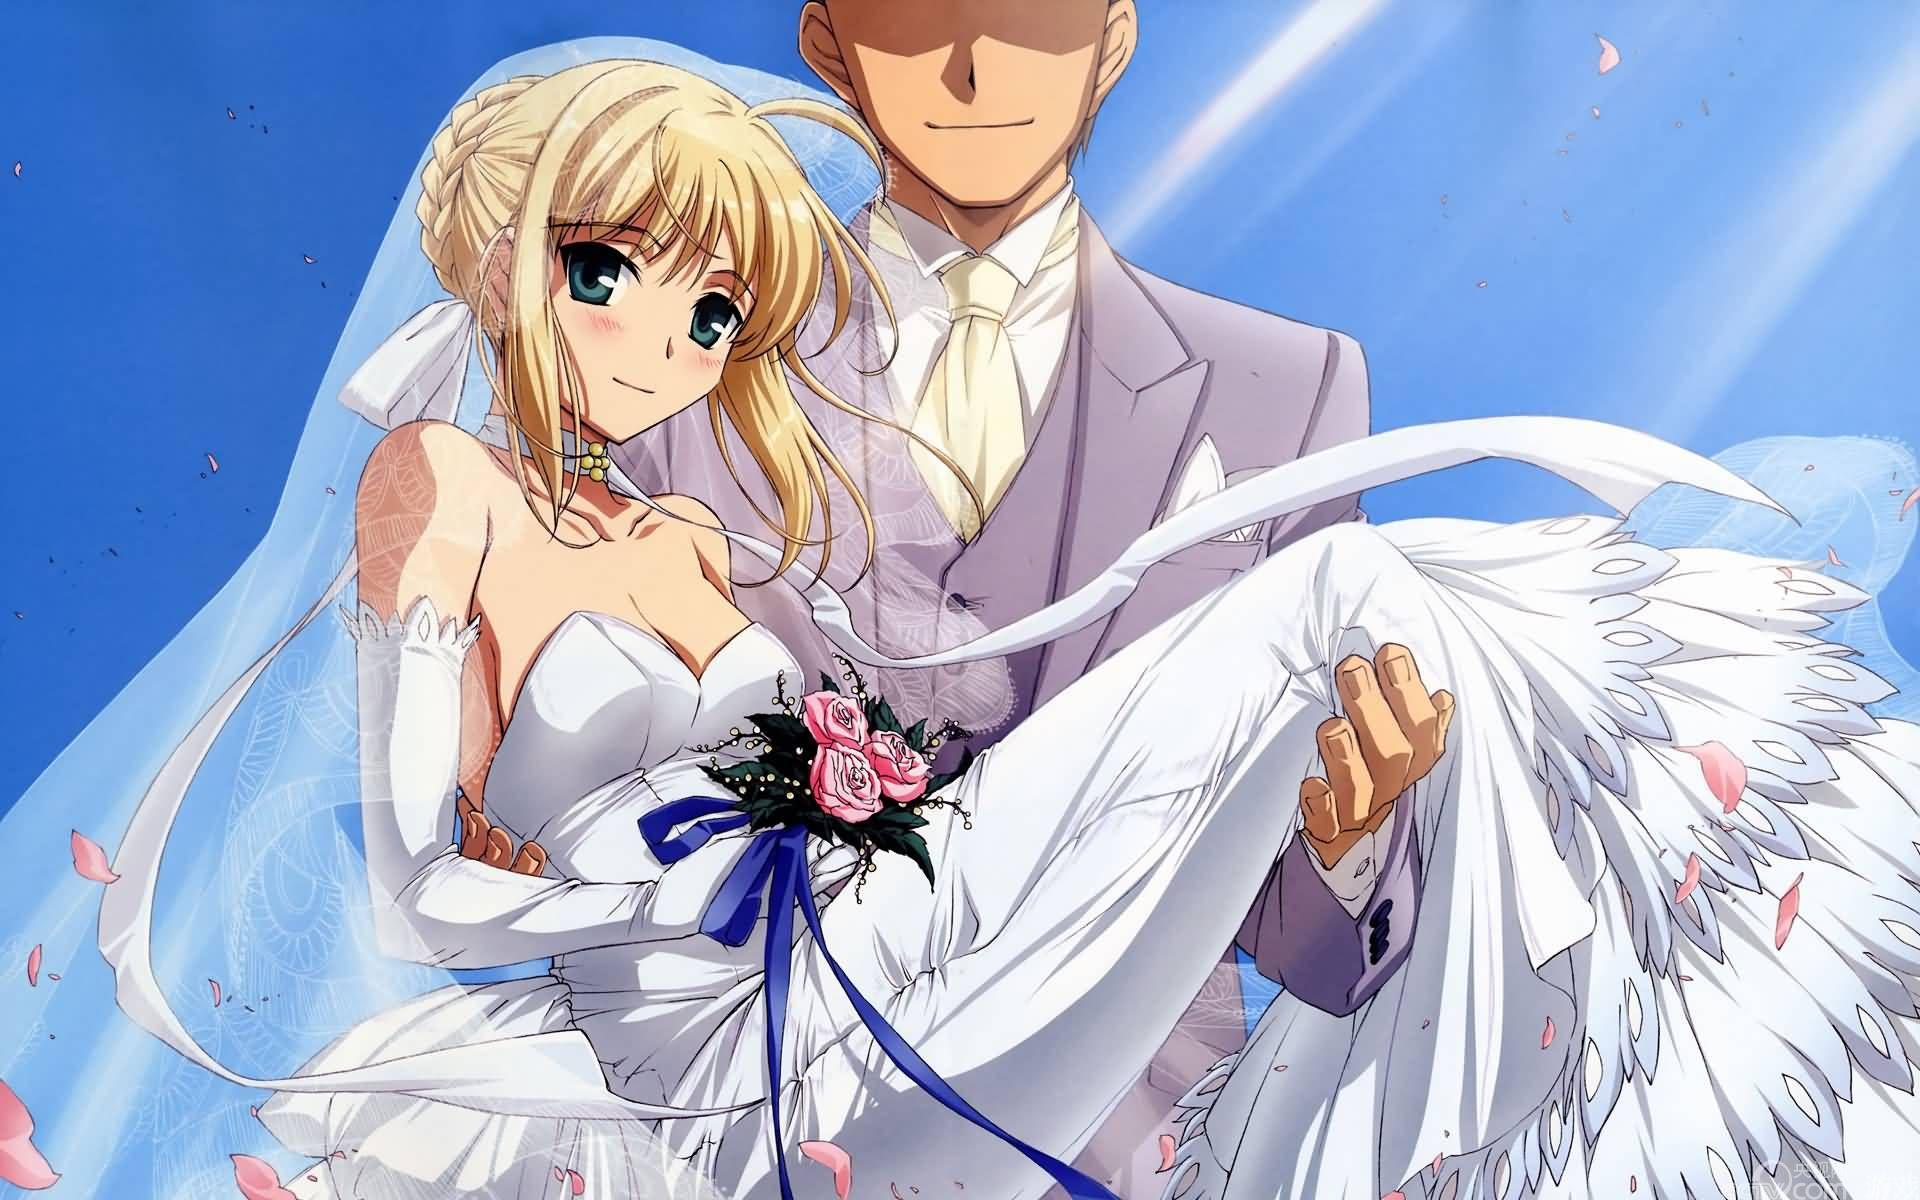 唯美动人《百万亚瑟王》之二次元婚纱照大盘美女精光:图片